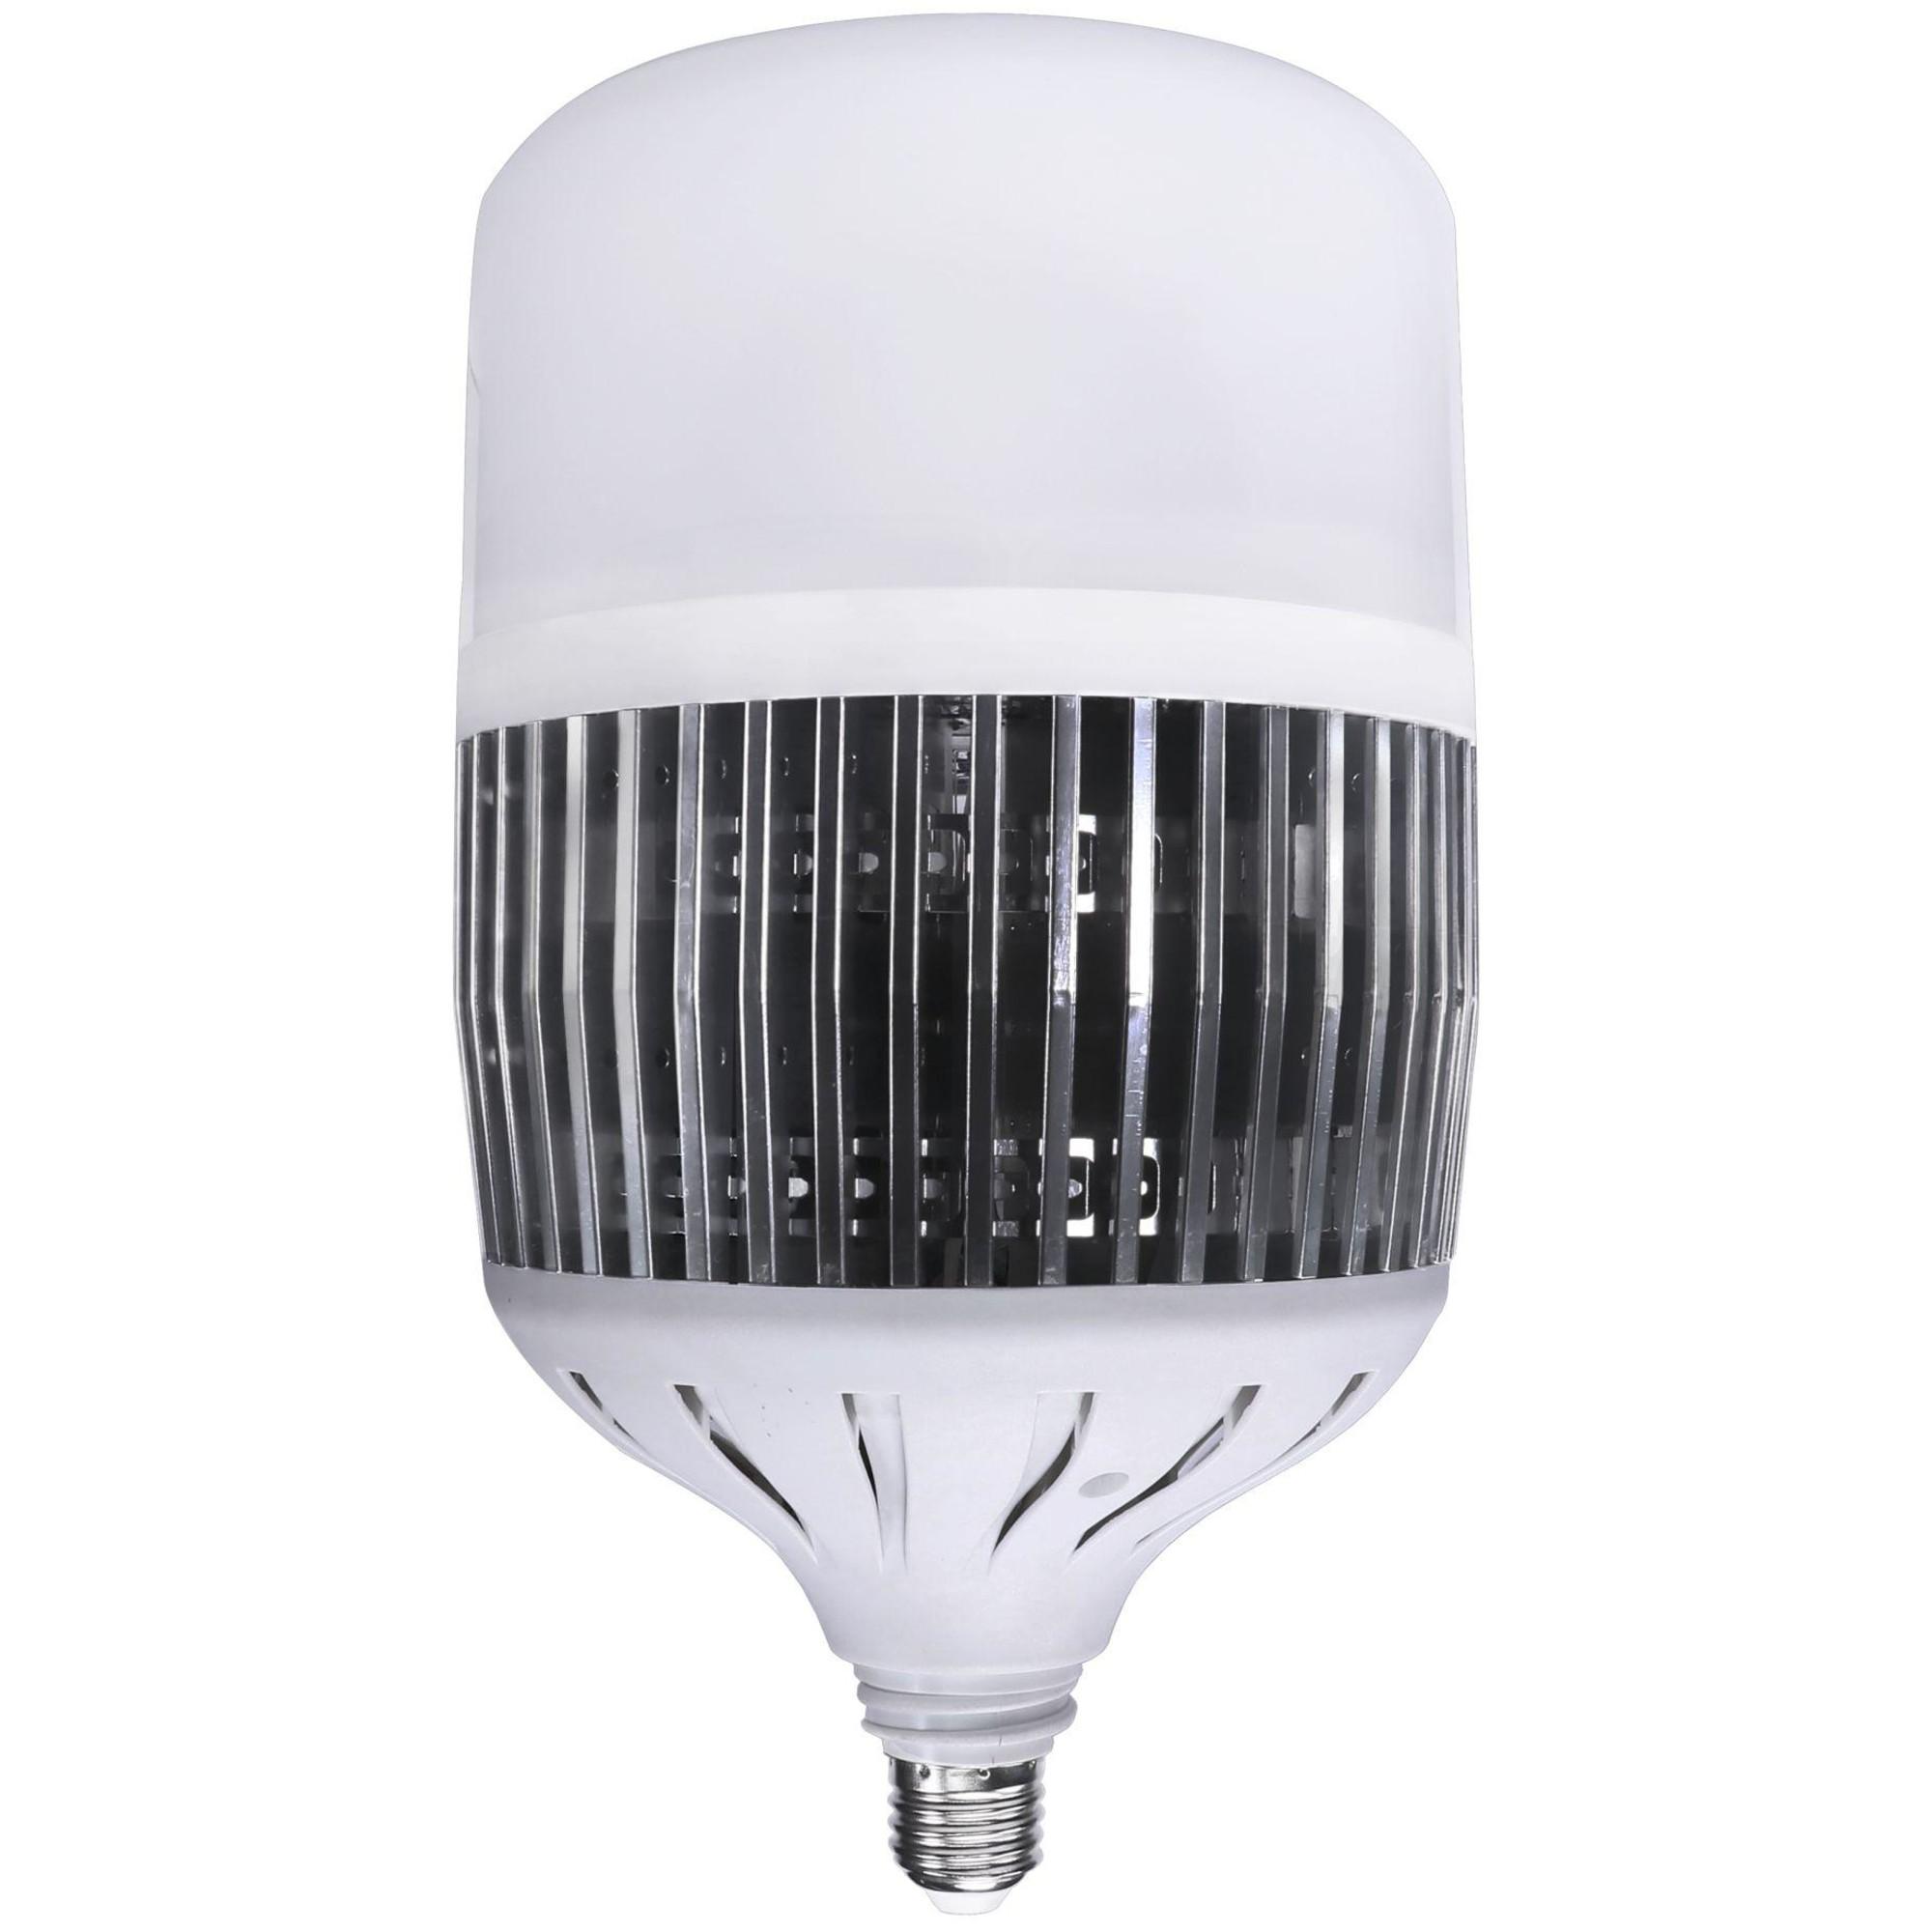 Лампа Ecola Premium светодионая E27 80 Вт 7200 Лм холодный свет